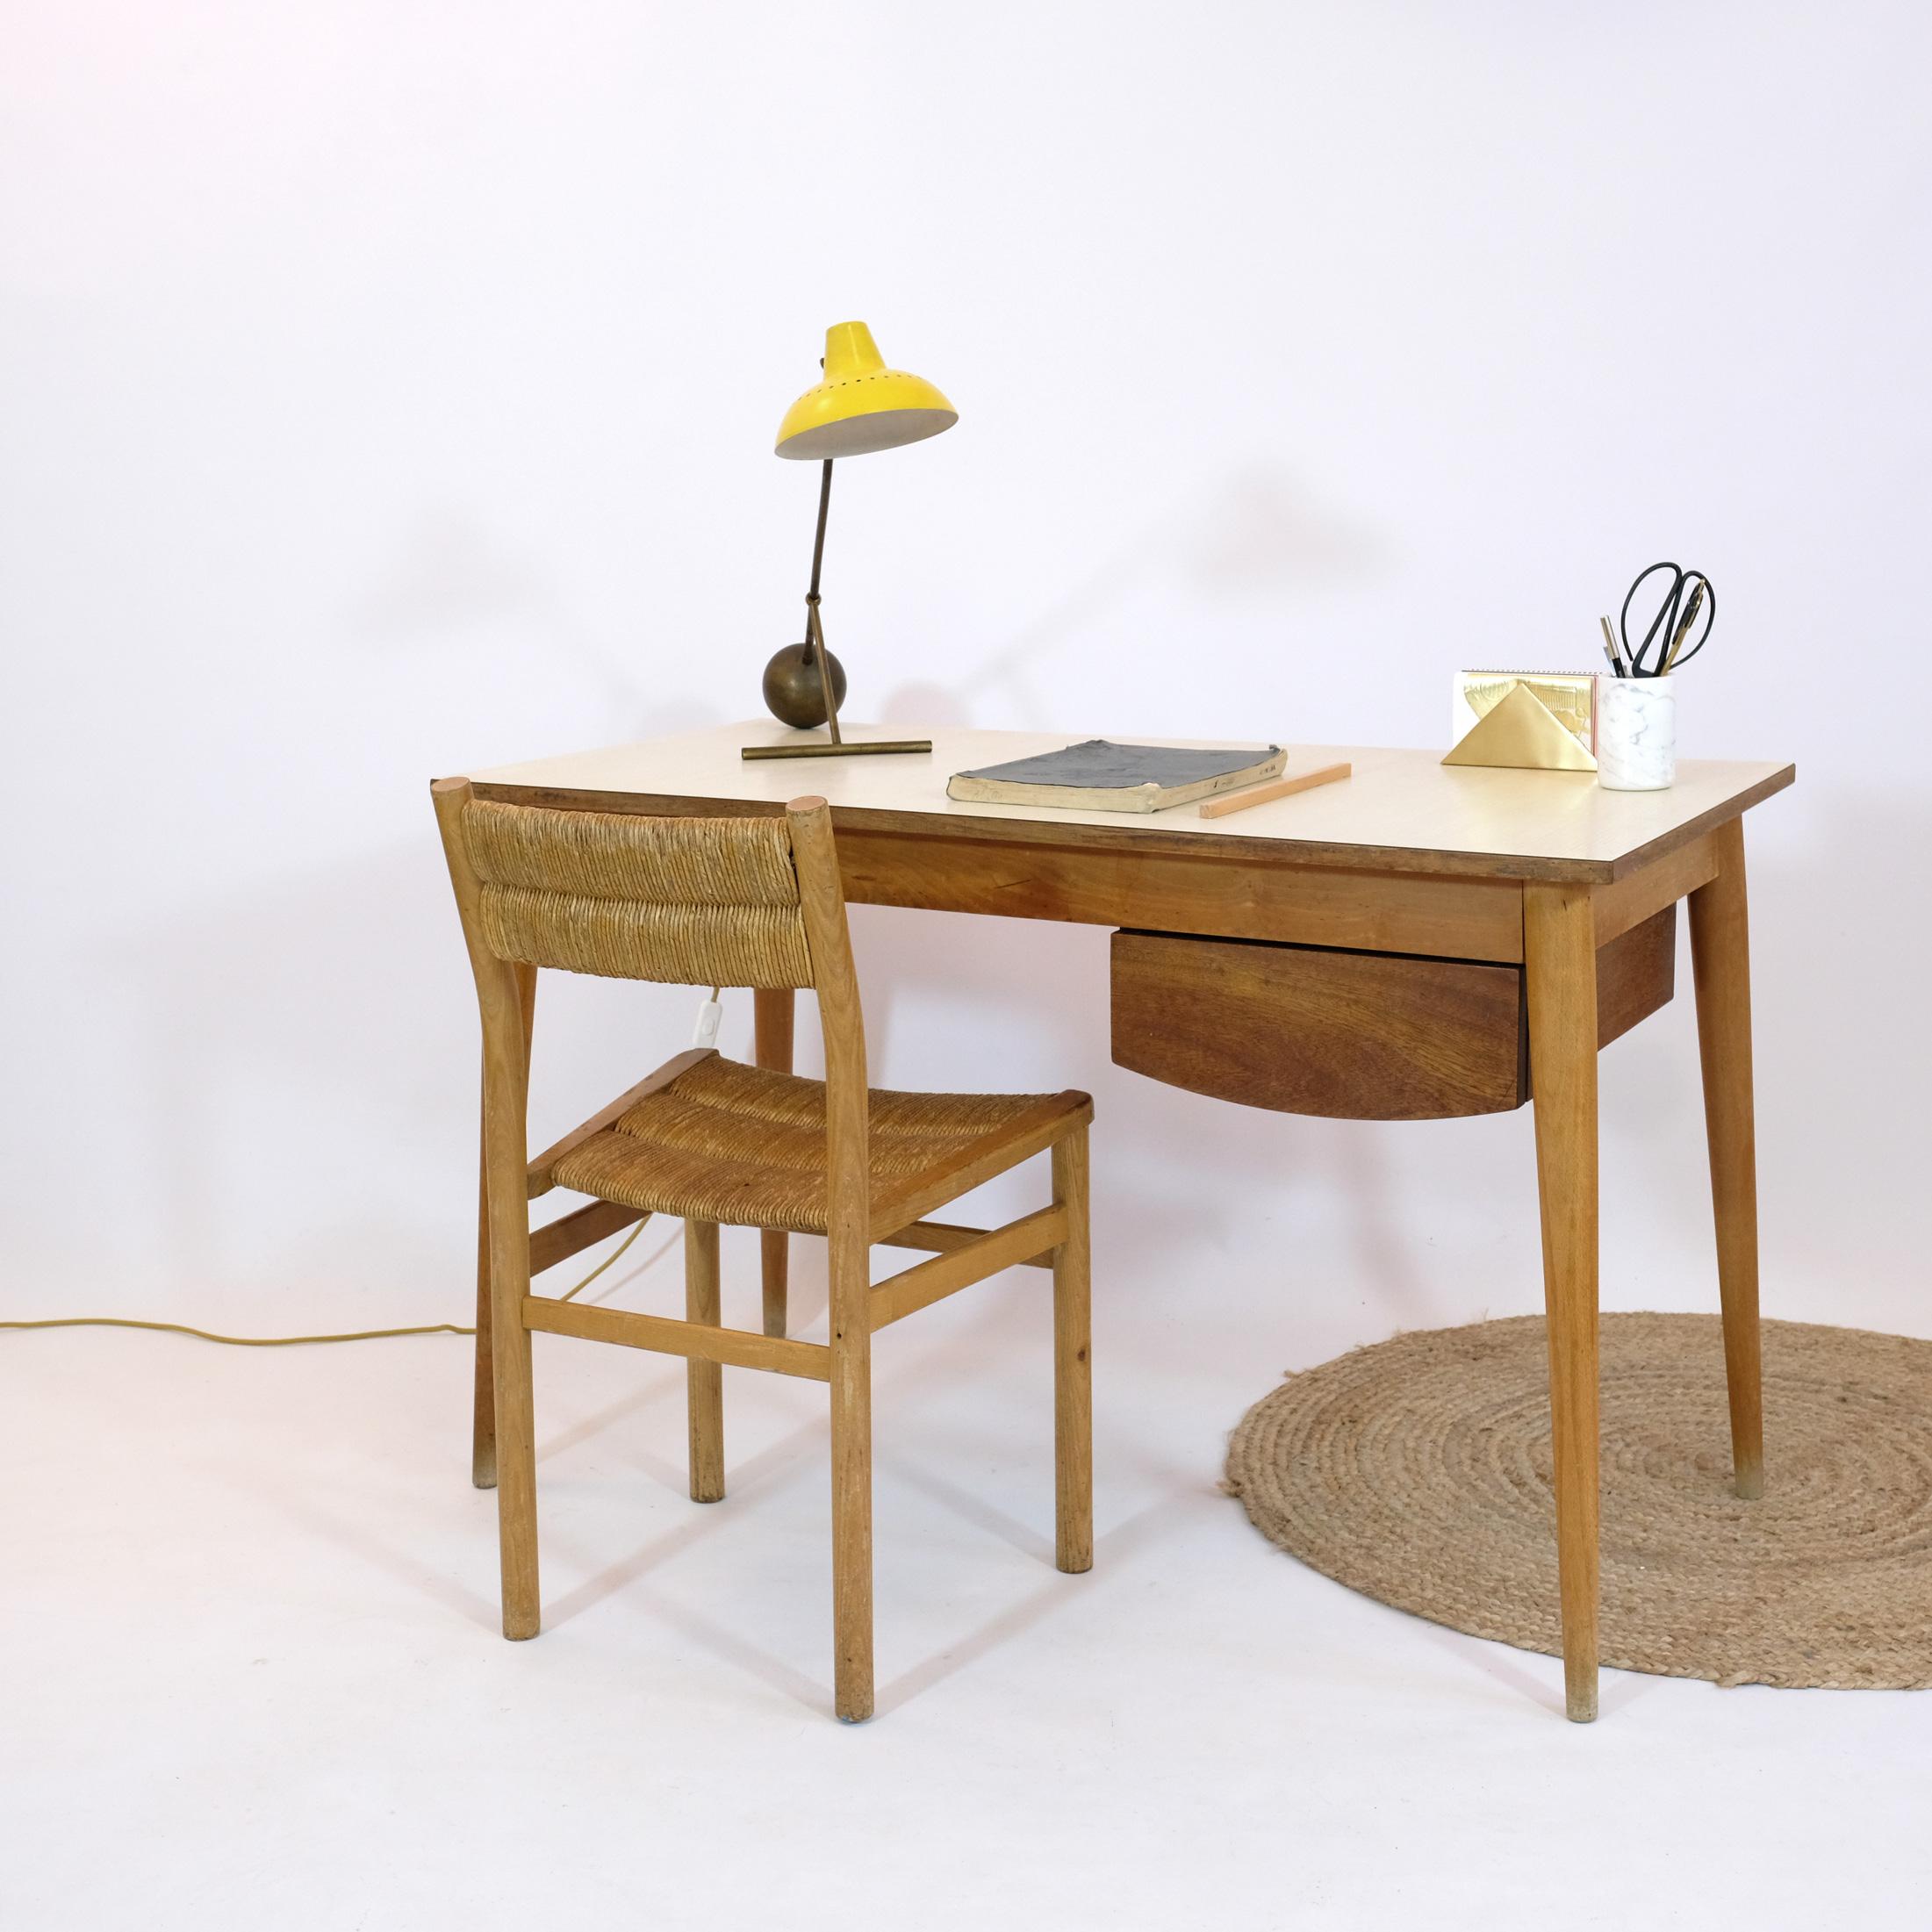 bureau d 39 tudiant des ann es 50 bois clair et stratifi lampandco. Black Bedroom Furniture Sets. Home Design Ideas